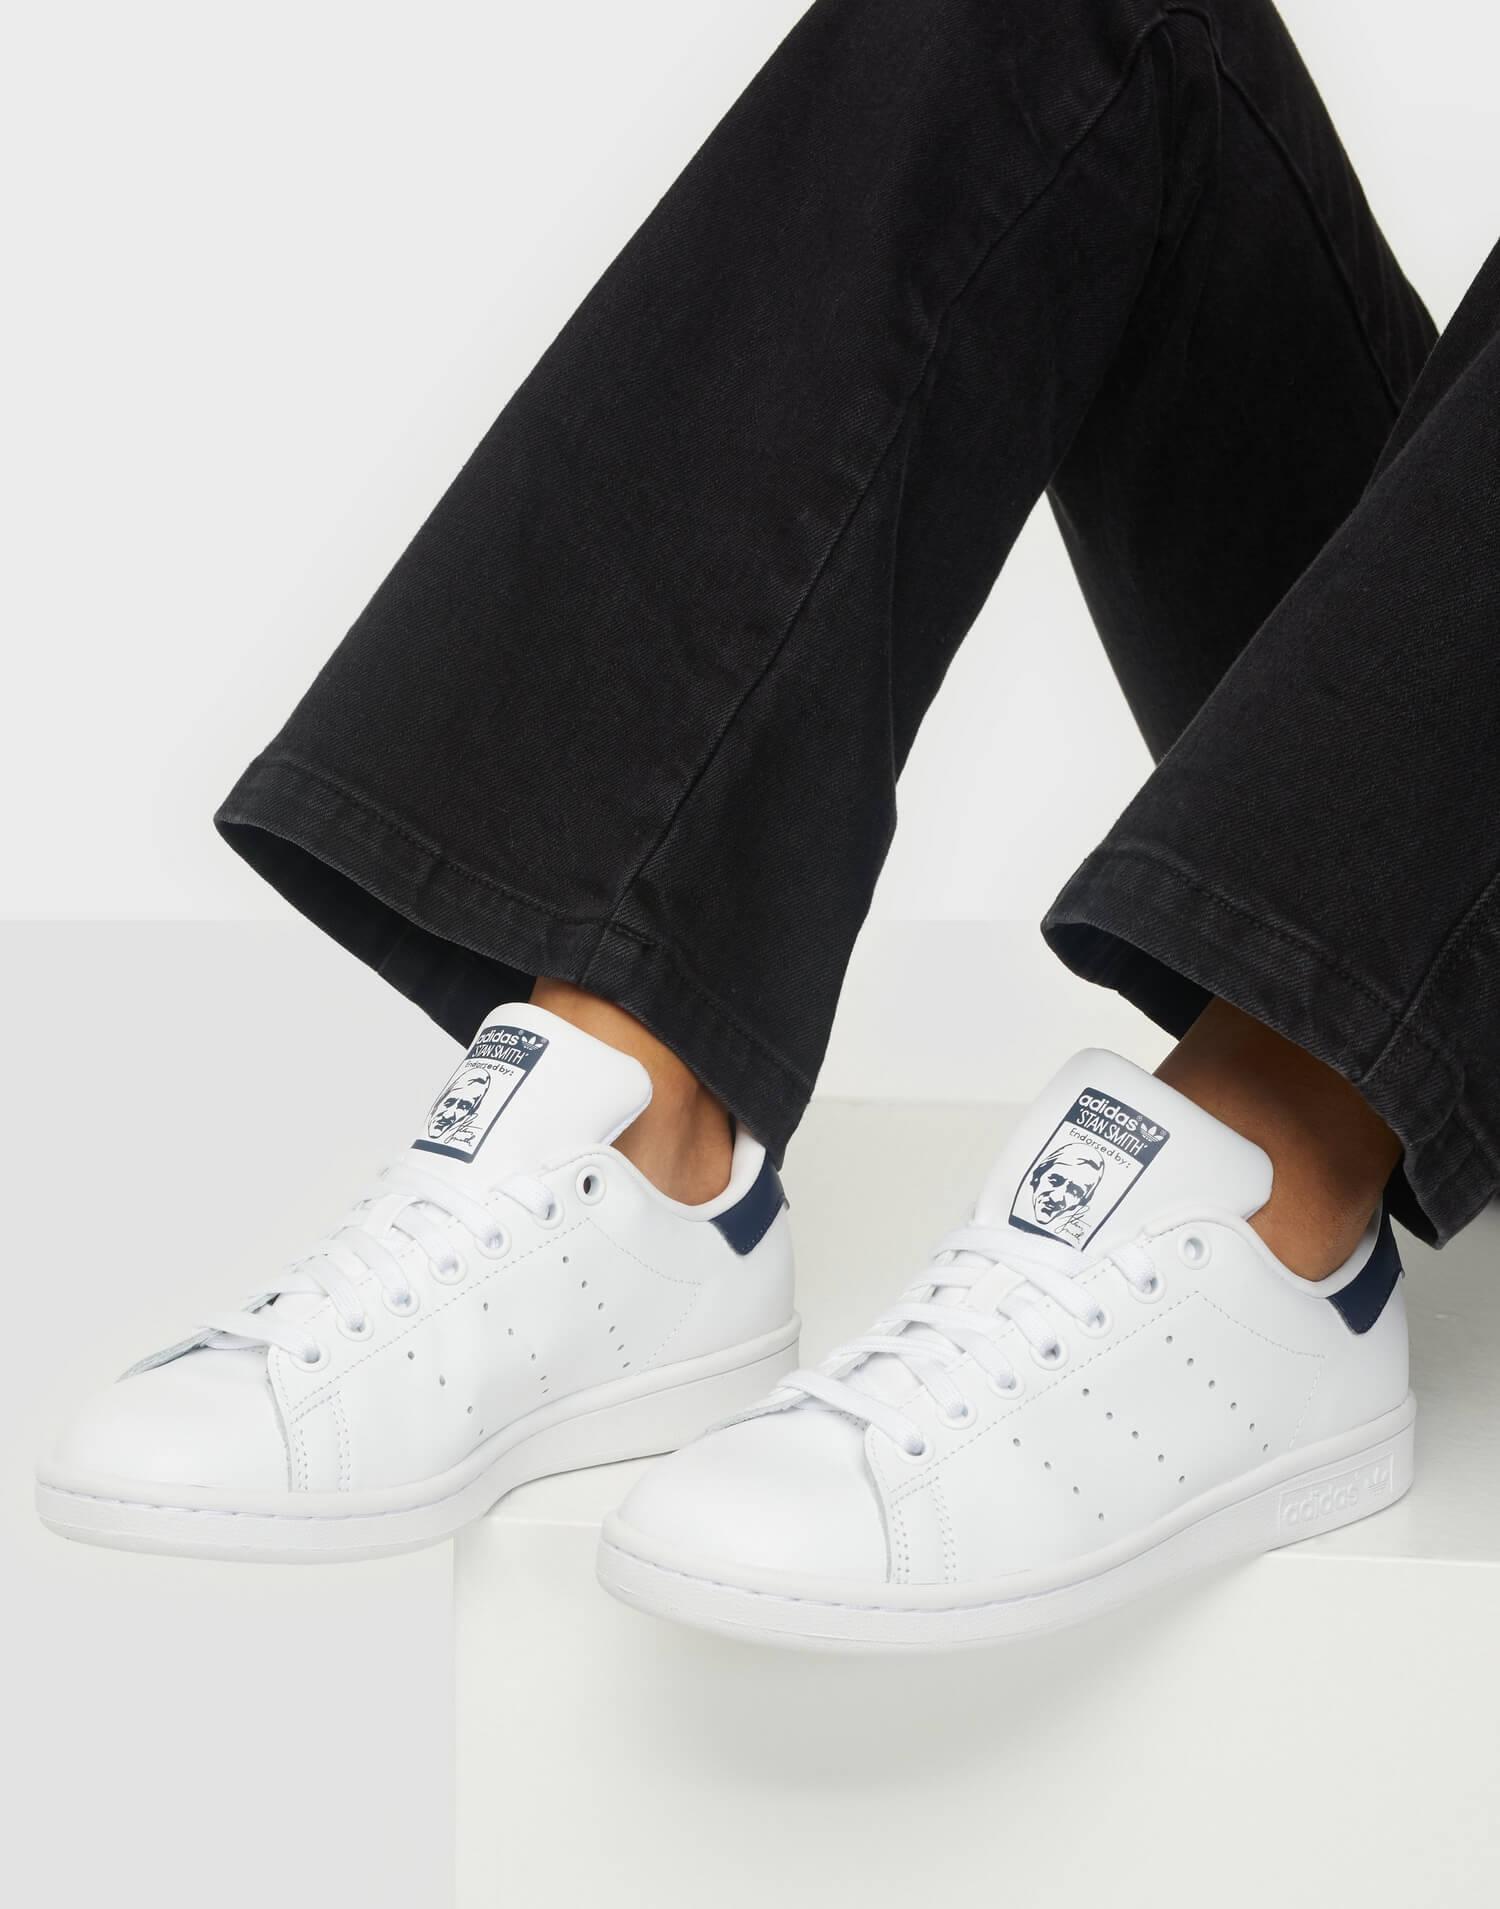 Vita sneakers från Adidas Originals med blåa kontrastpartier.